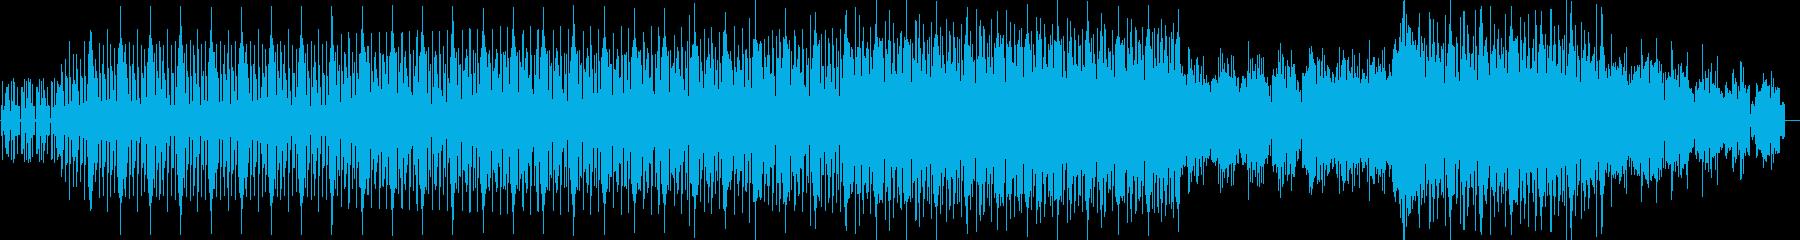 ドライヴ感のあるアシッドミニマルテクノの再生済みの波形